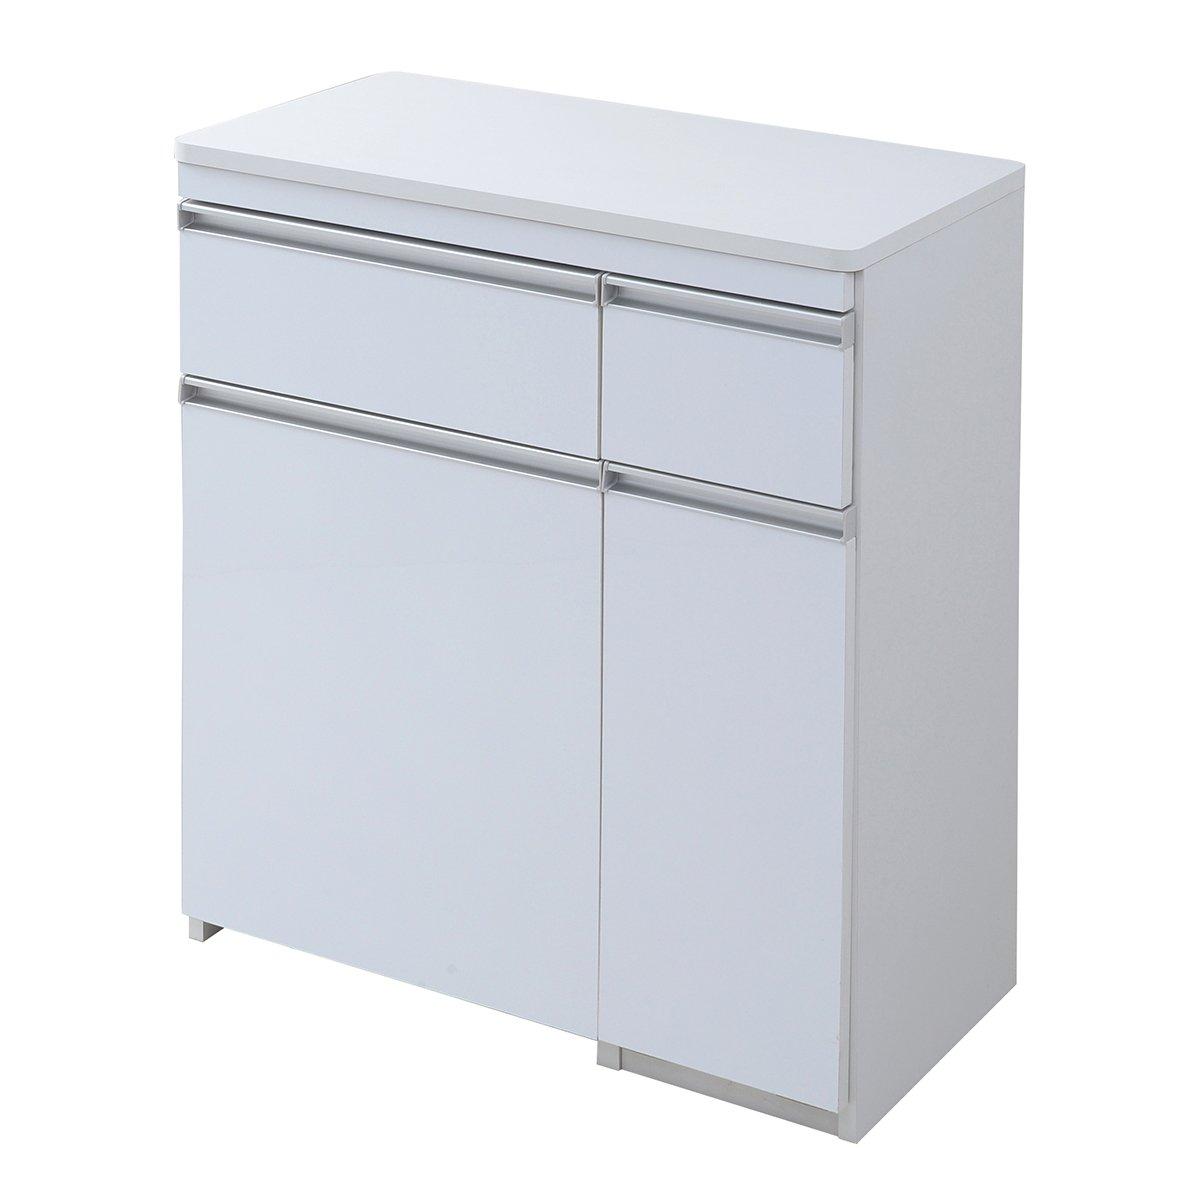 JKプラン Parl 鏡面 カウンターワゴン ダストボックス 3分別 幅 75 ホワイト FPL-0006-WH B01931R07Wホワイト